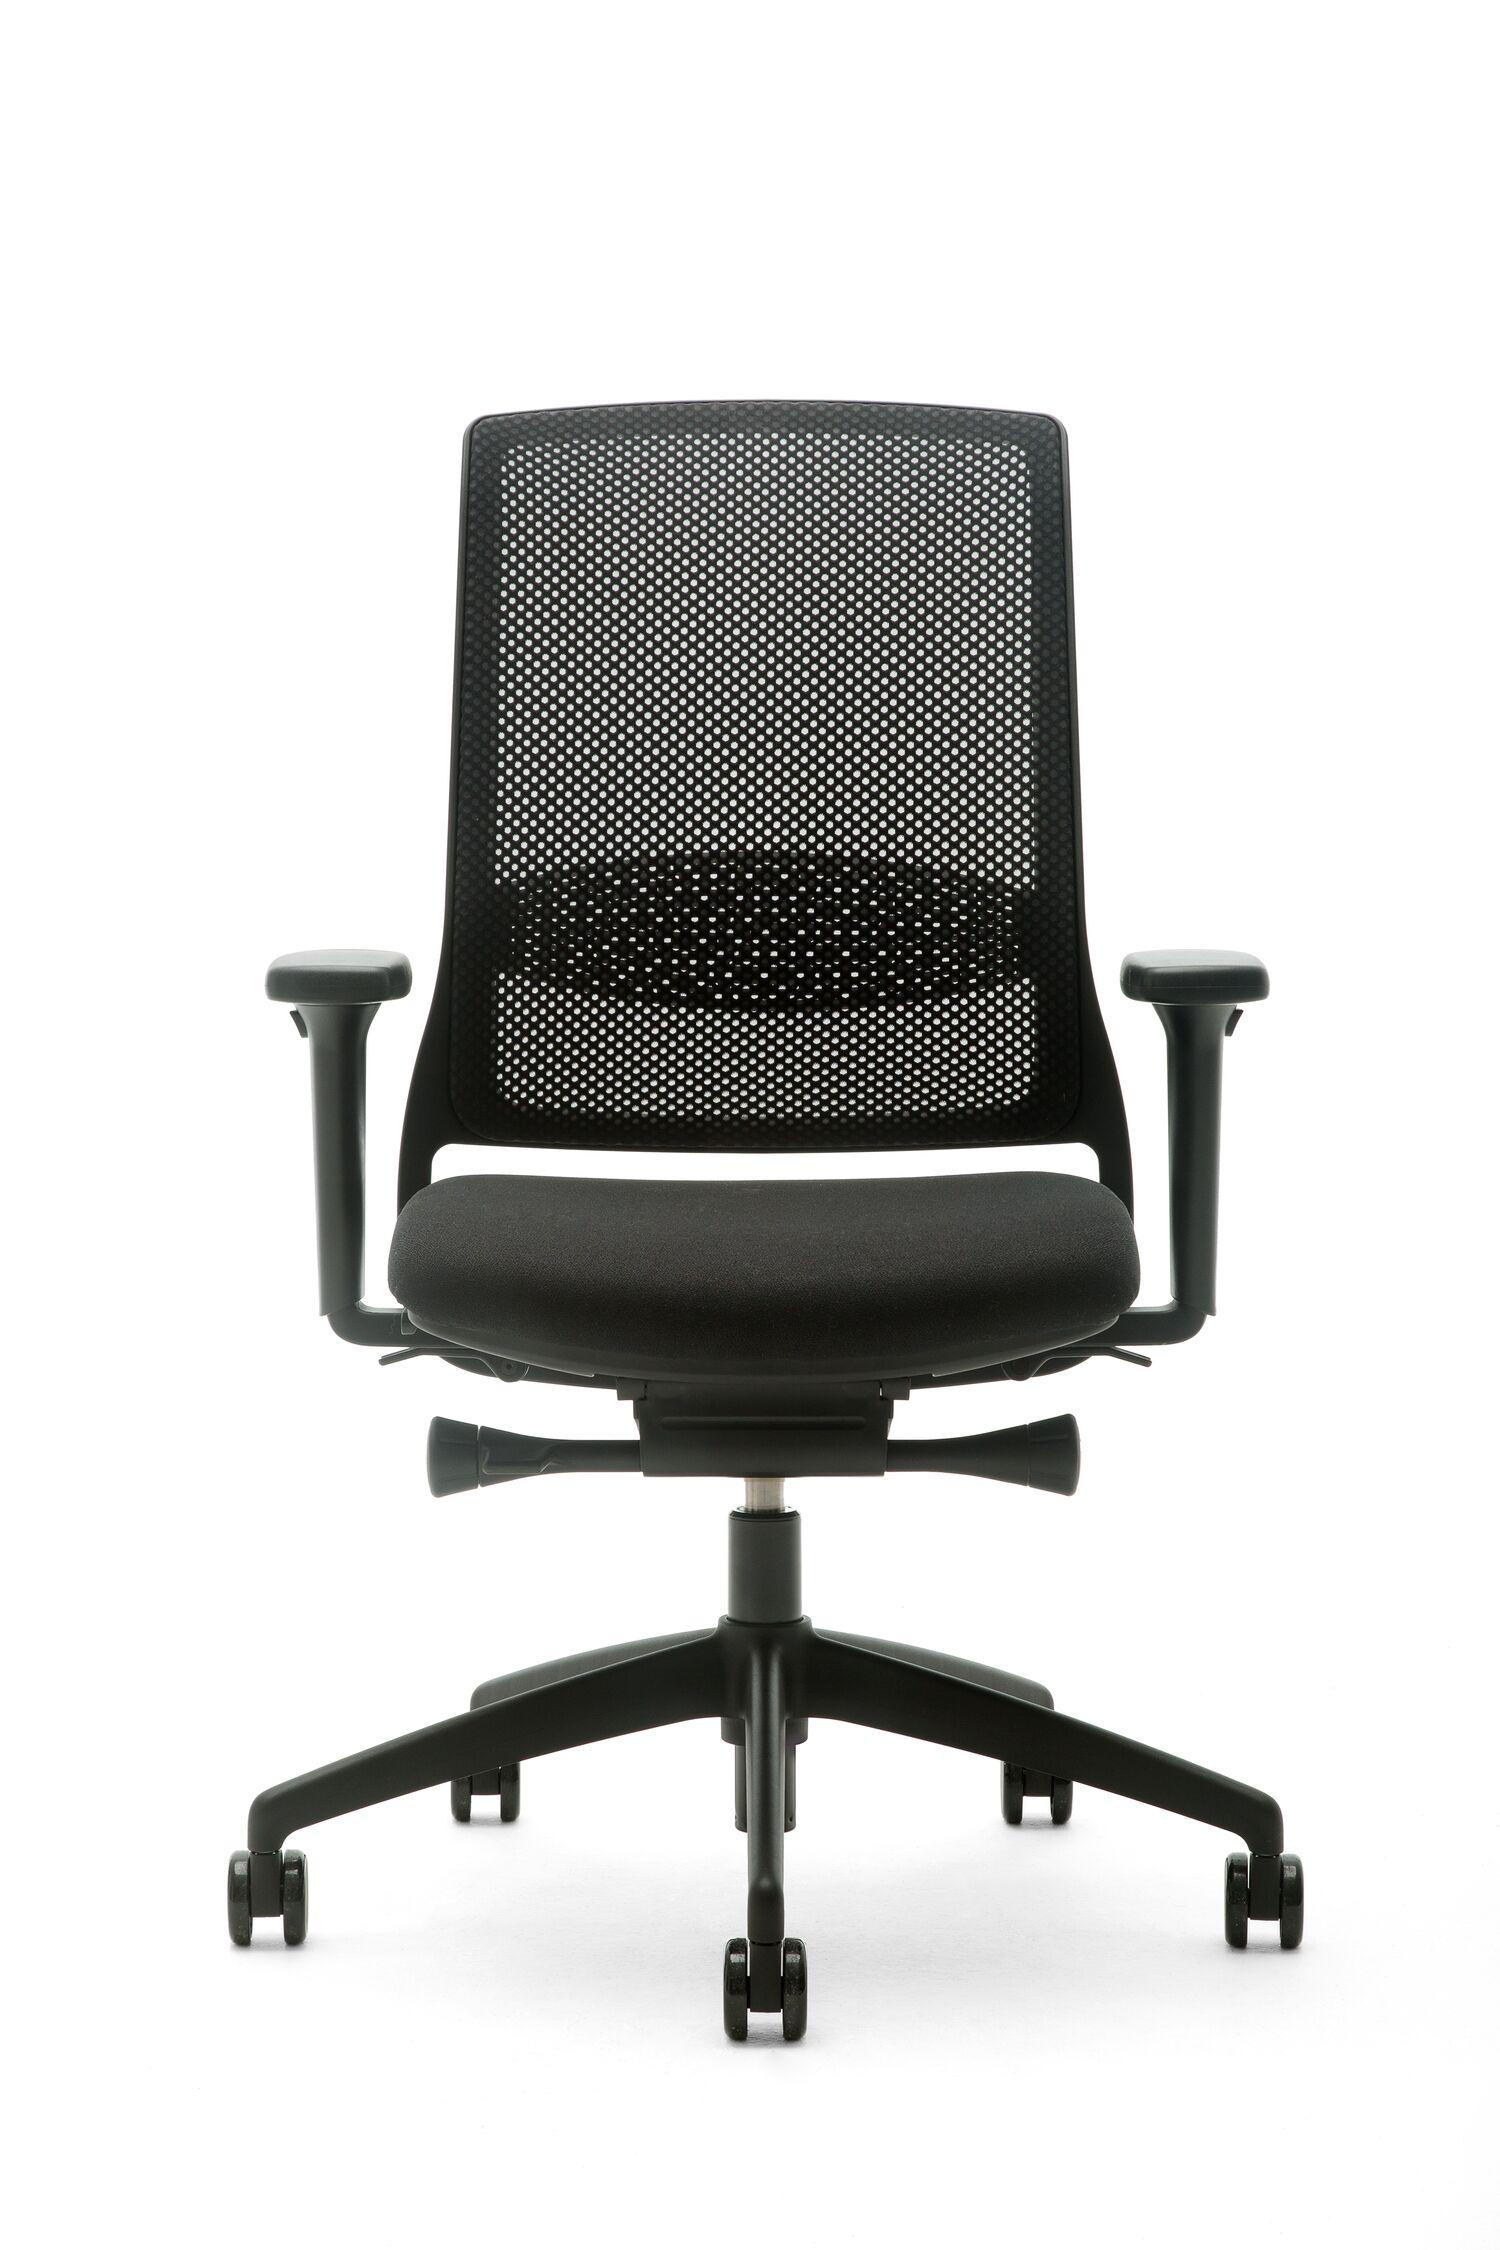 Bureaustoel Zwart Design.Gispen Zinn Smart Bureaustoel Zwart Voetkruis Kopen Bestel Bij